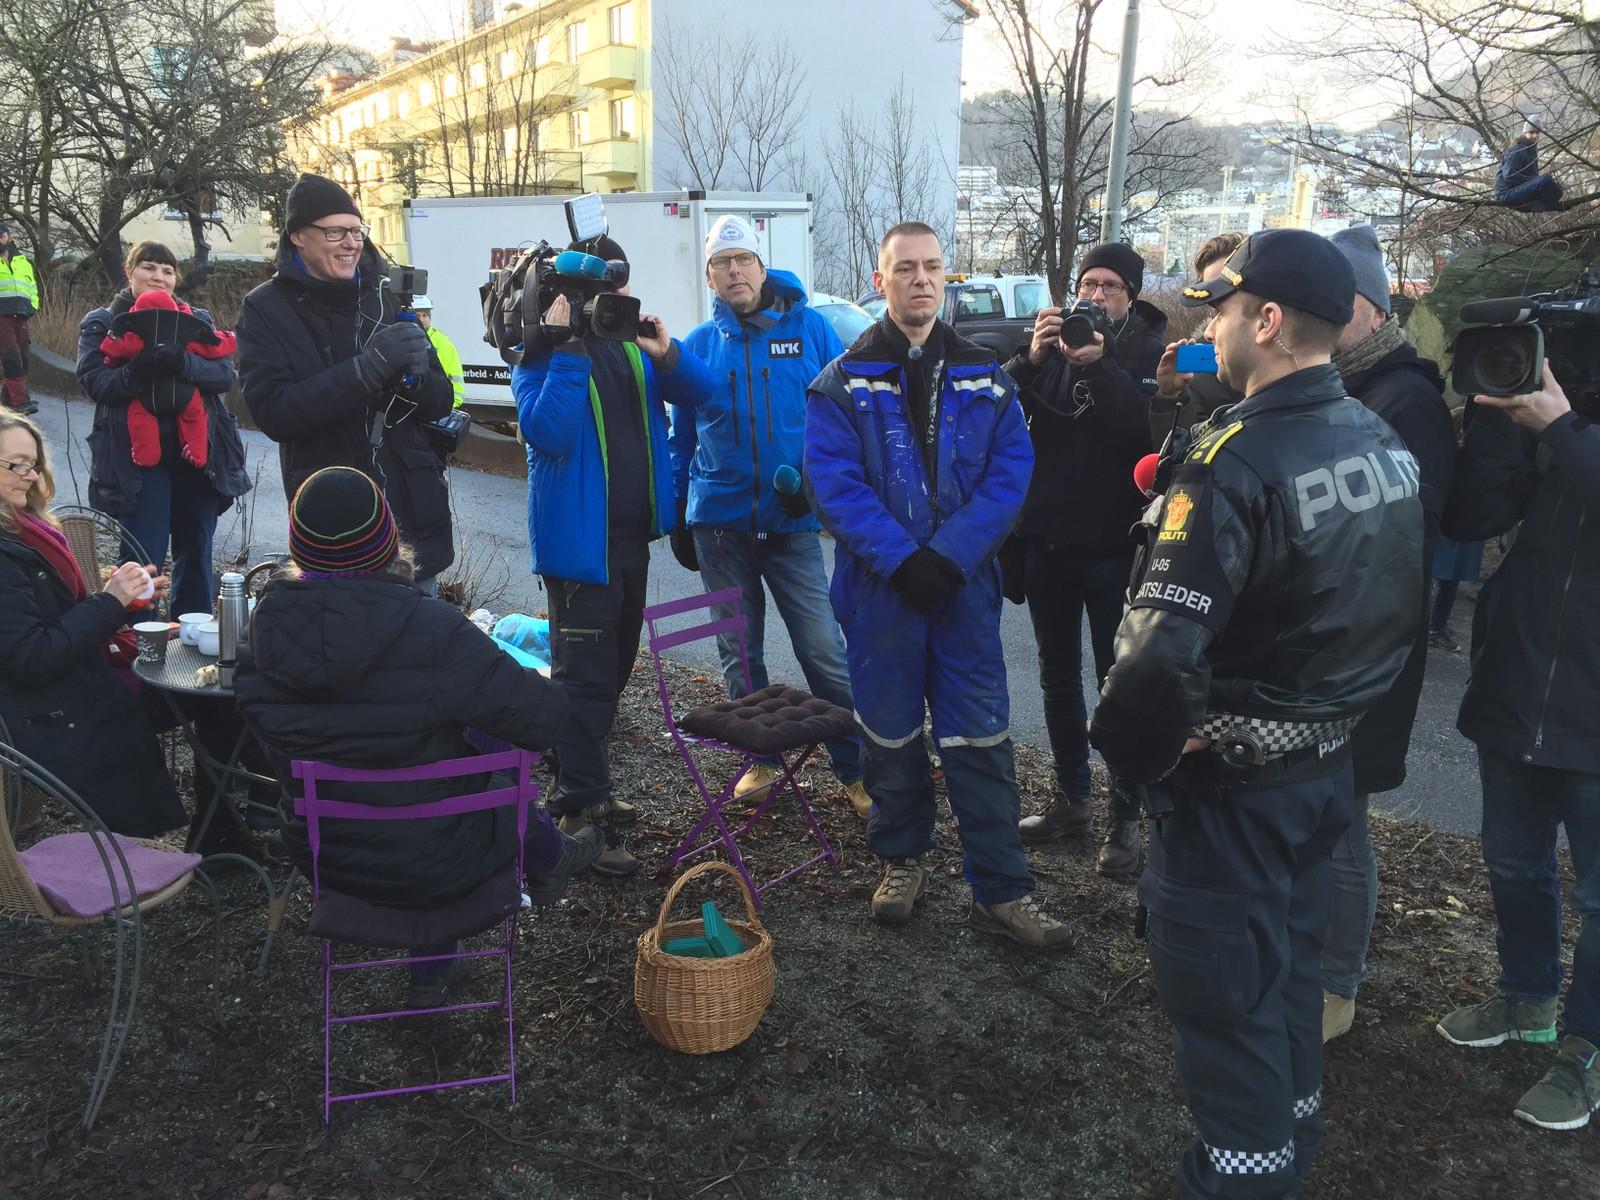 Det var en rolig stemning i Jekteviken hele morgene, til tross for at kampen mellom naboer, kommunen og SiB har pågått i snart ti år.